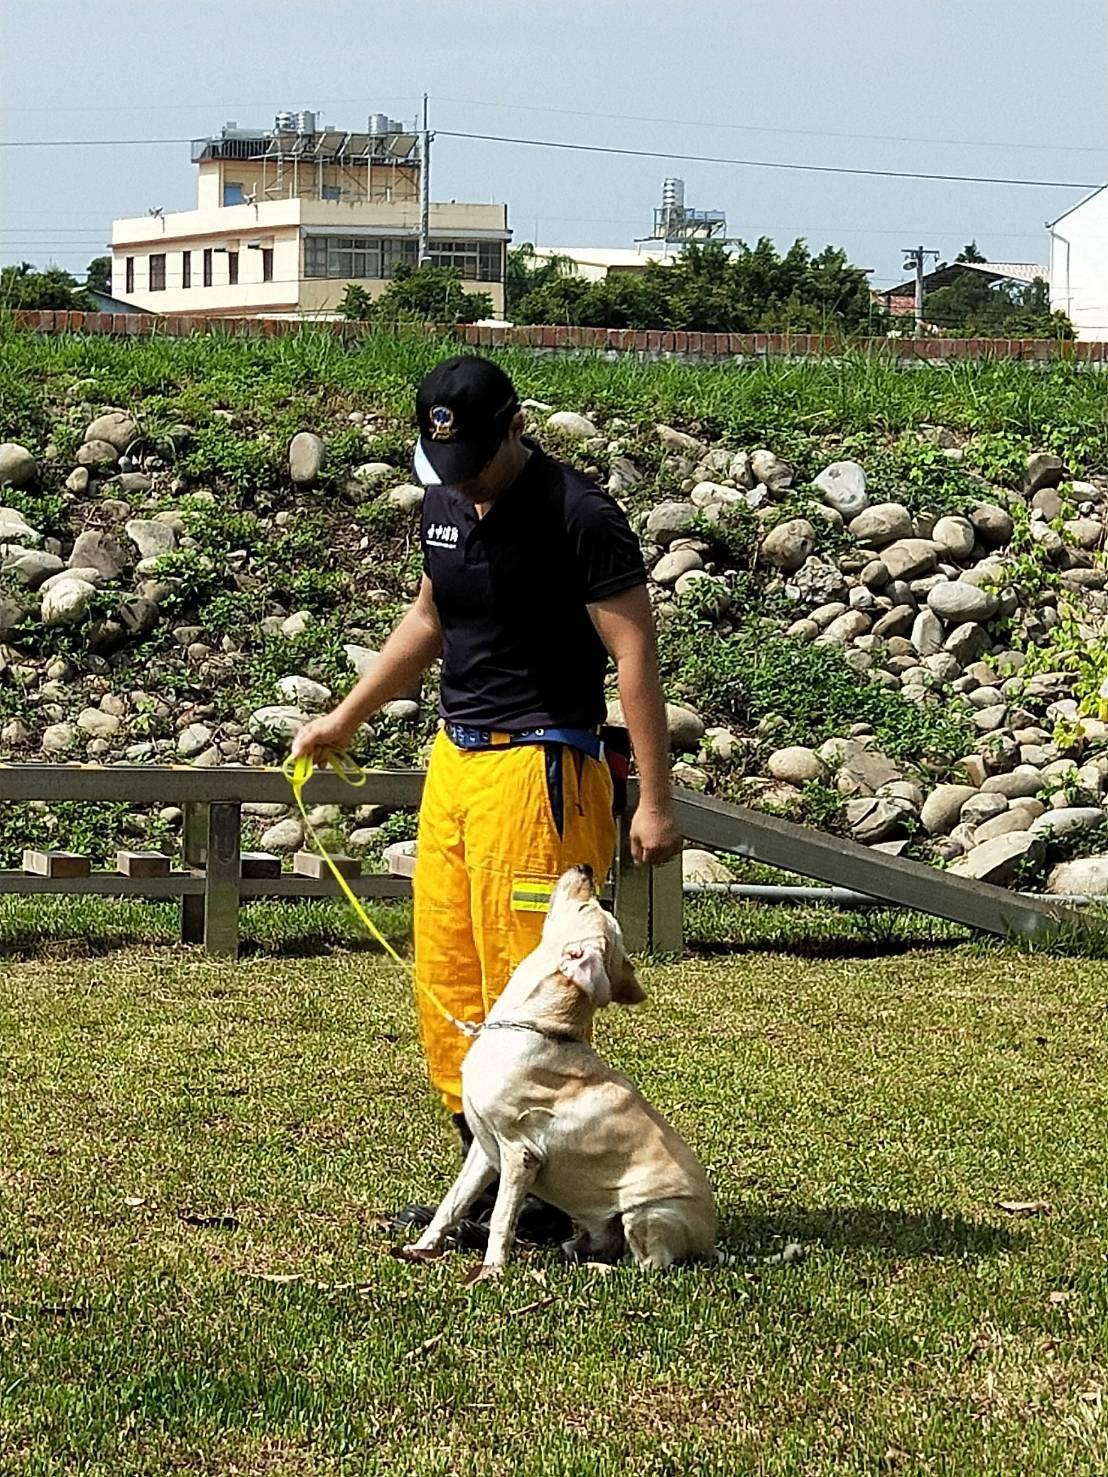 台中的搜救犬除了在地震瓦礫中救人,並新增尋人任務。 記者張明慧/攝影